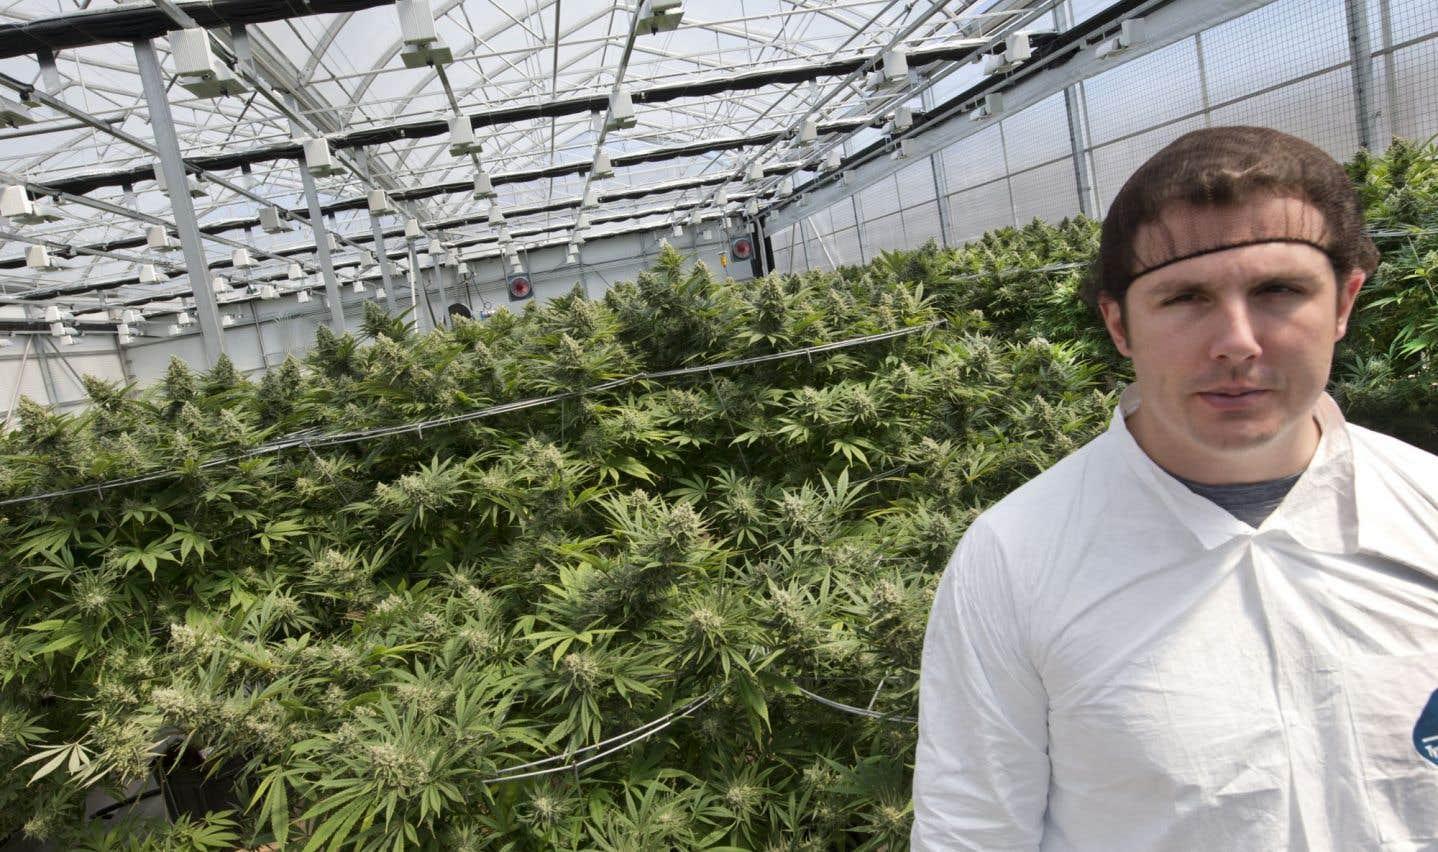 Le producteur québécois Hydropothicaire va augmenter sa production de façon spectaculaire au cours des prochains mois afin de répondre à la demande actuelle pour la marijuana médicale, dit son président, Sébastien St-Louis.